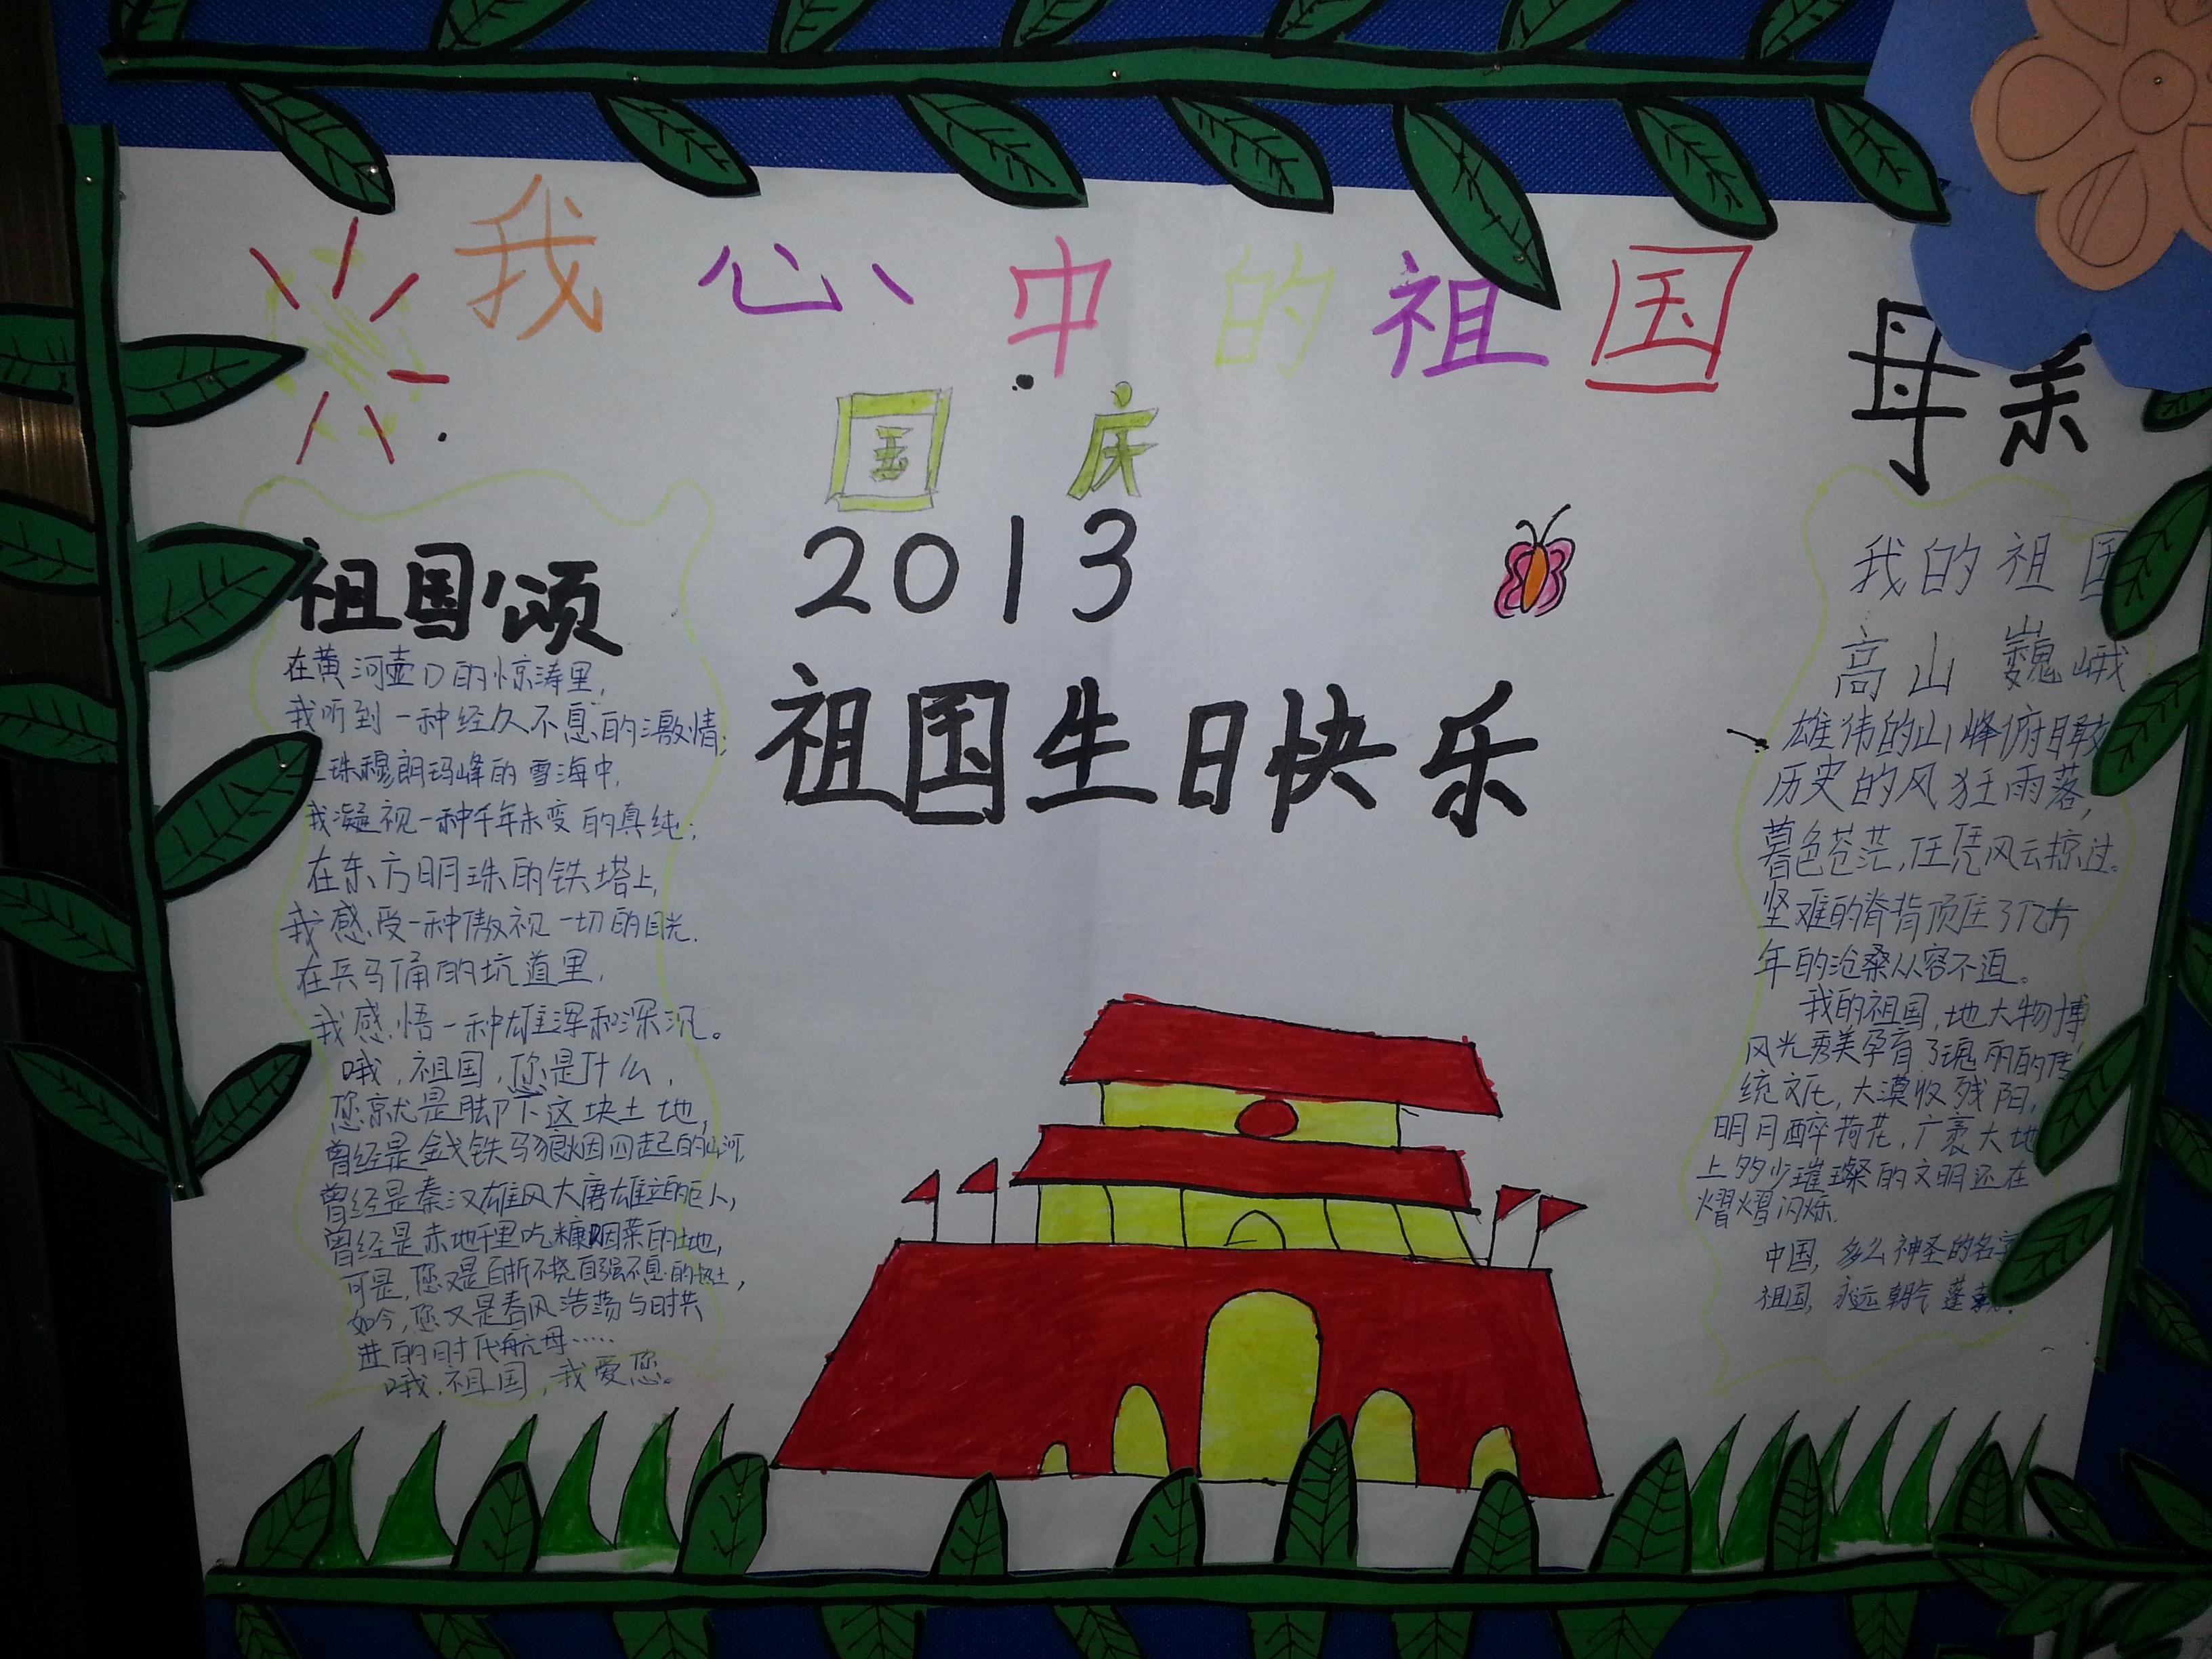 爱国手抄报 - 红领巾相约中国梦动态上传 - 活动 - 网